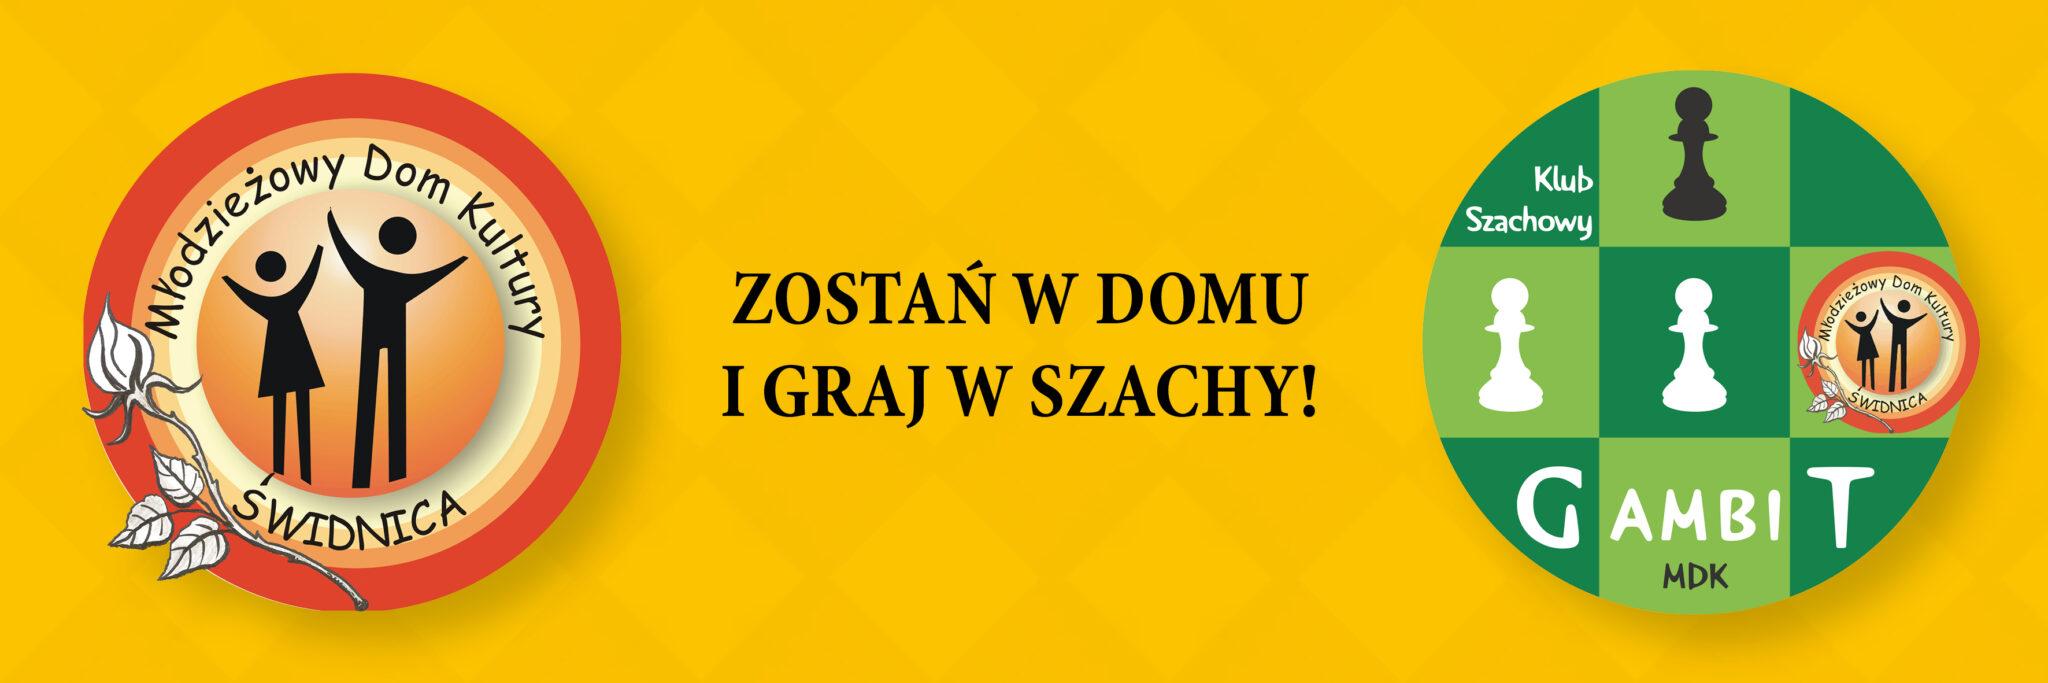 ZOSTAŃ W DOMU I GRAJ W SZACHY! (283), REKORDY SZACHOWE